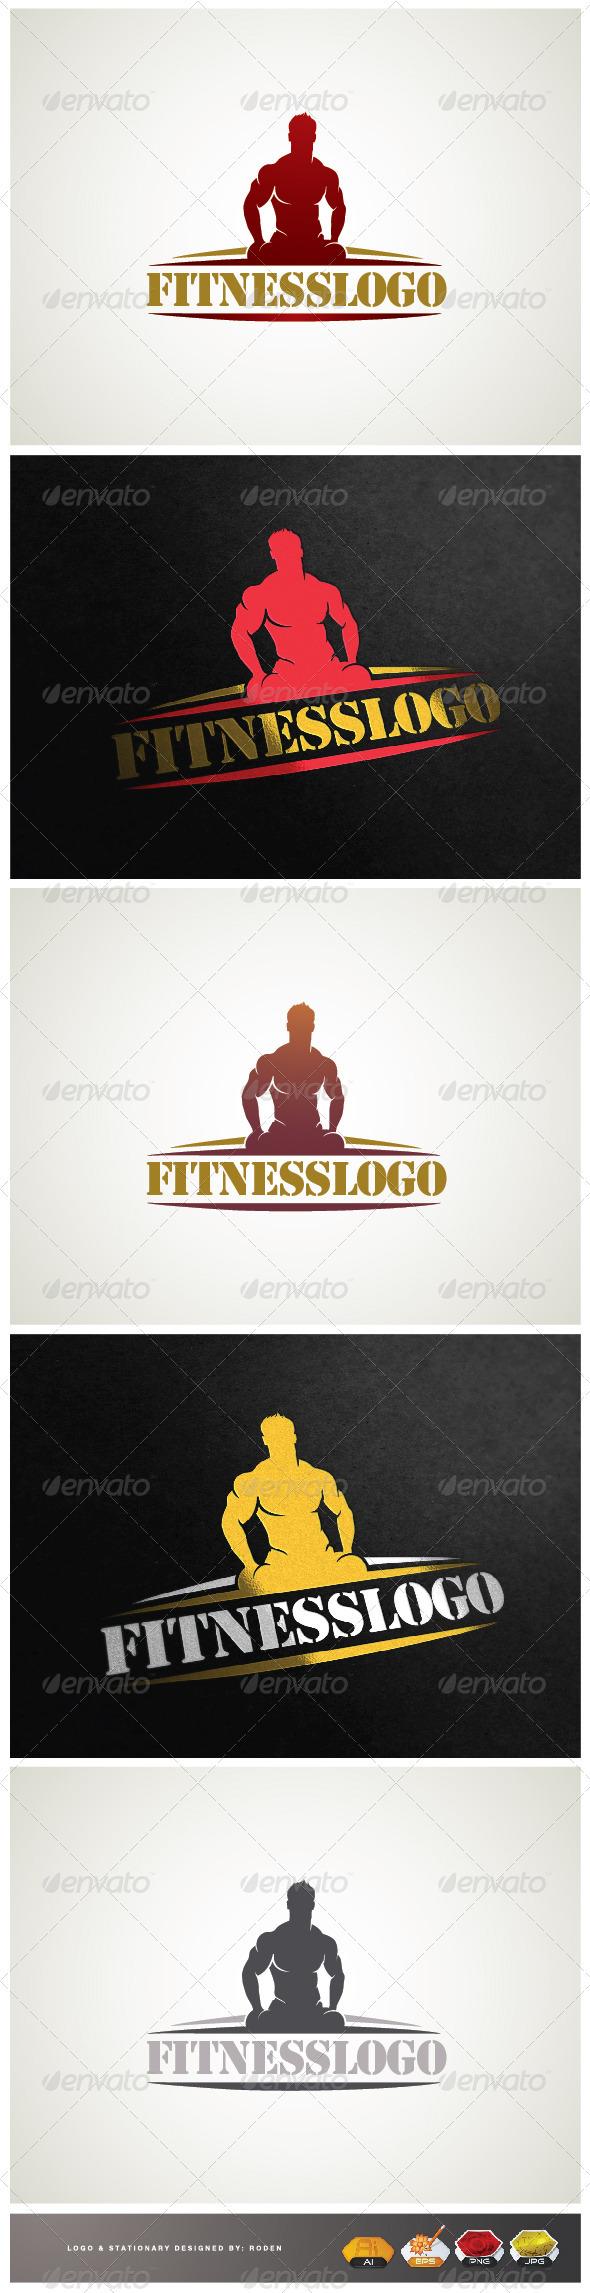 GraphicRiver fitness gym 3649395